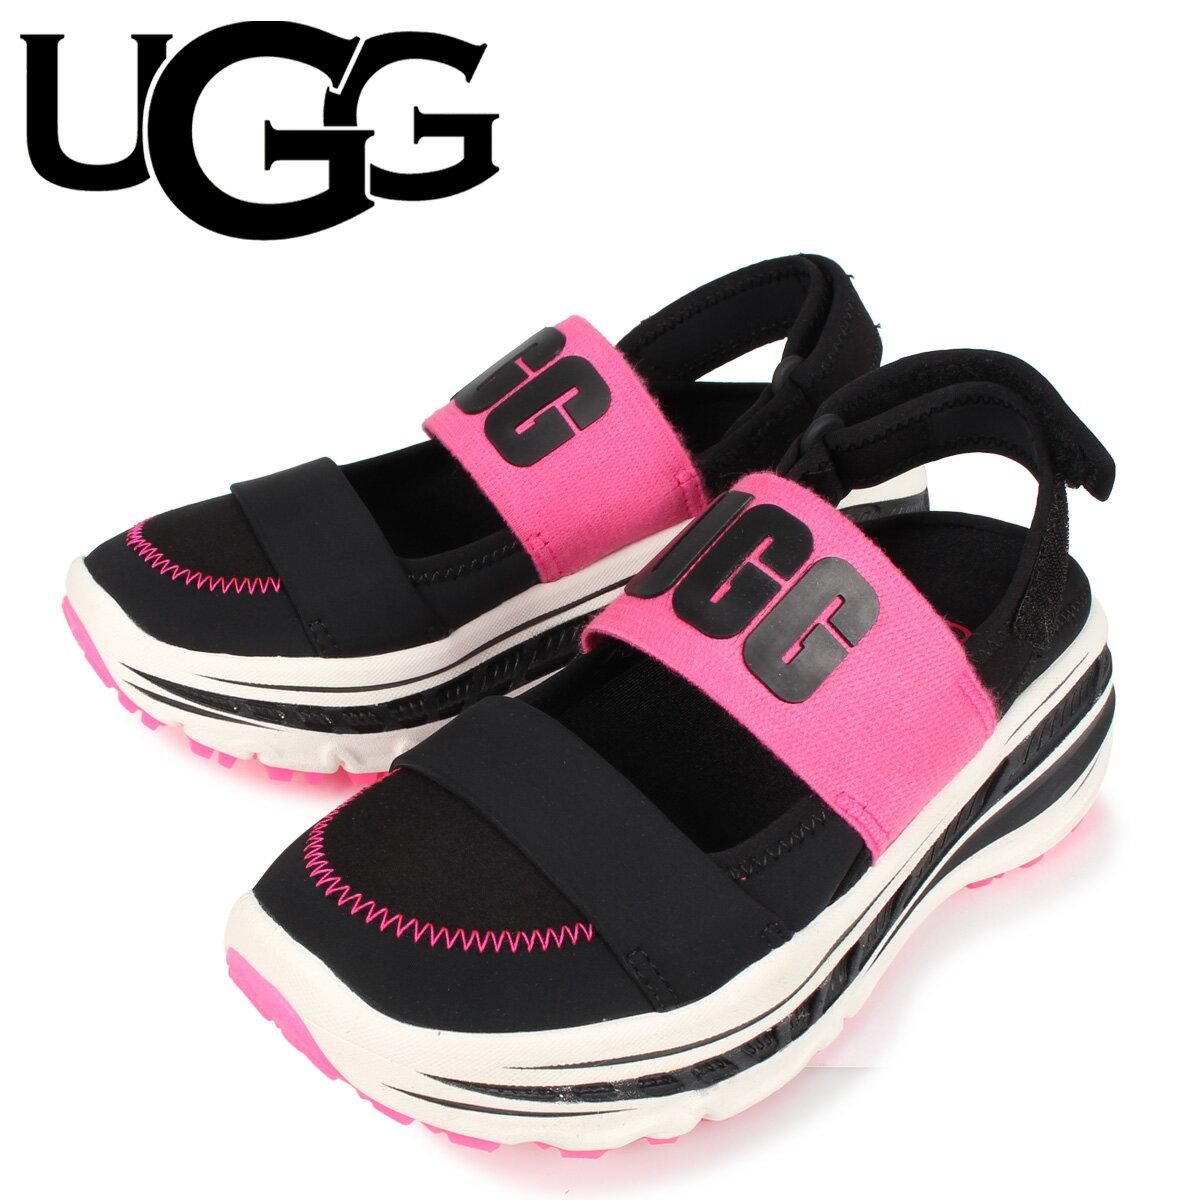 レディース靴, スニーカー 2000OFF UGG SLINGBACK RUNNER 1097452